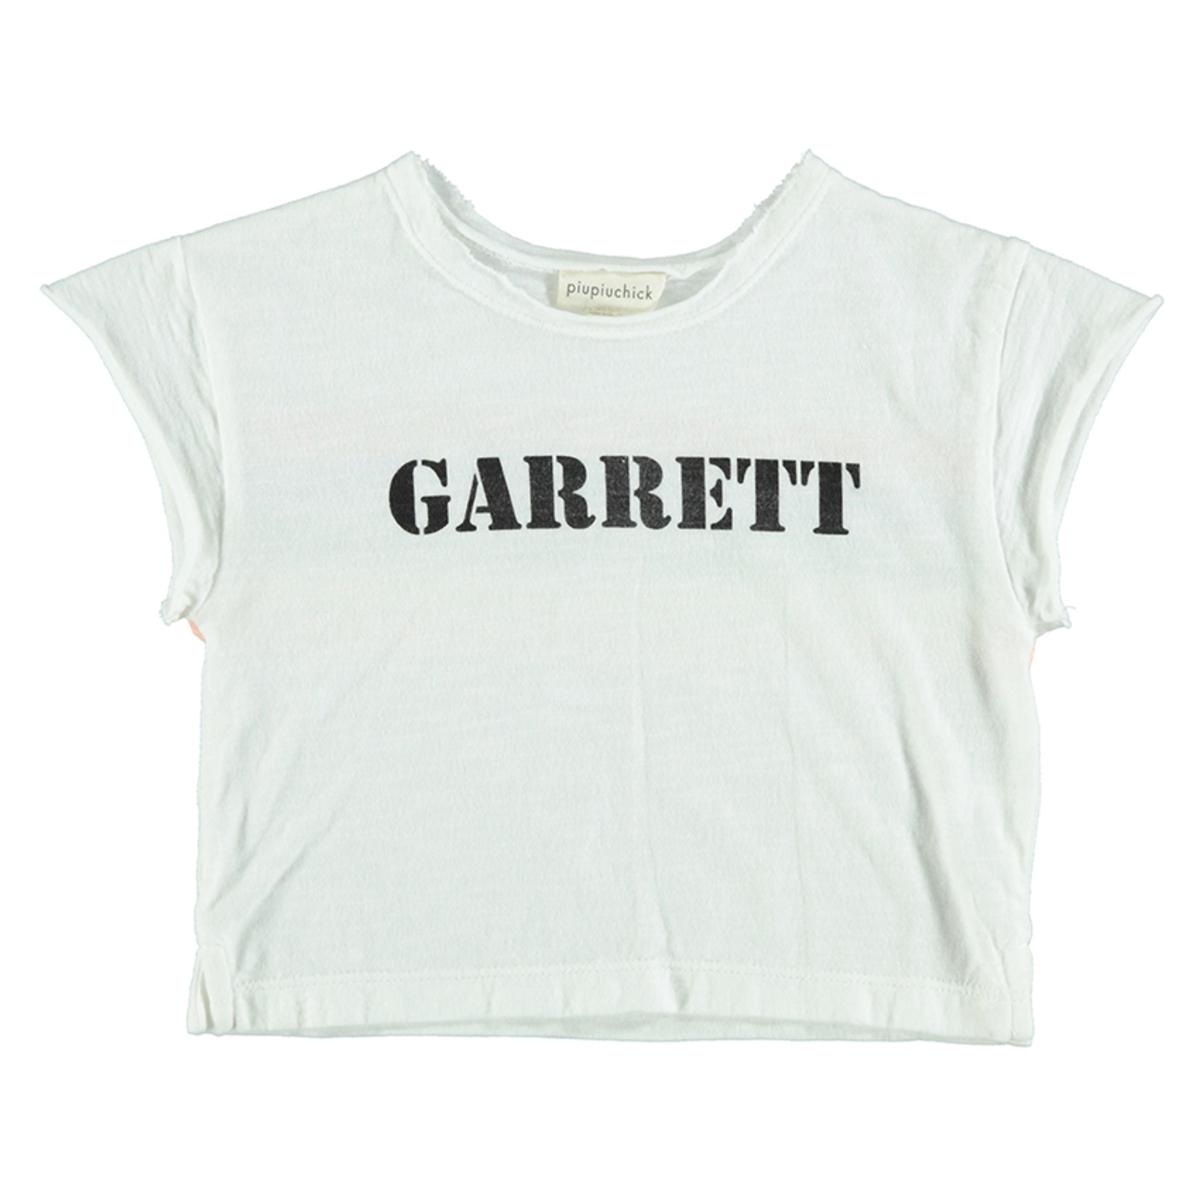 Haut bébé T-Shirt Arc-en-Ciel - 24 Mois T-Shirt Arc-en-Ciel - 24 Mois